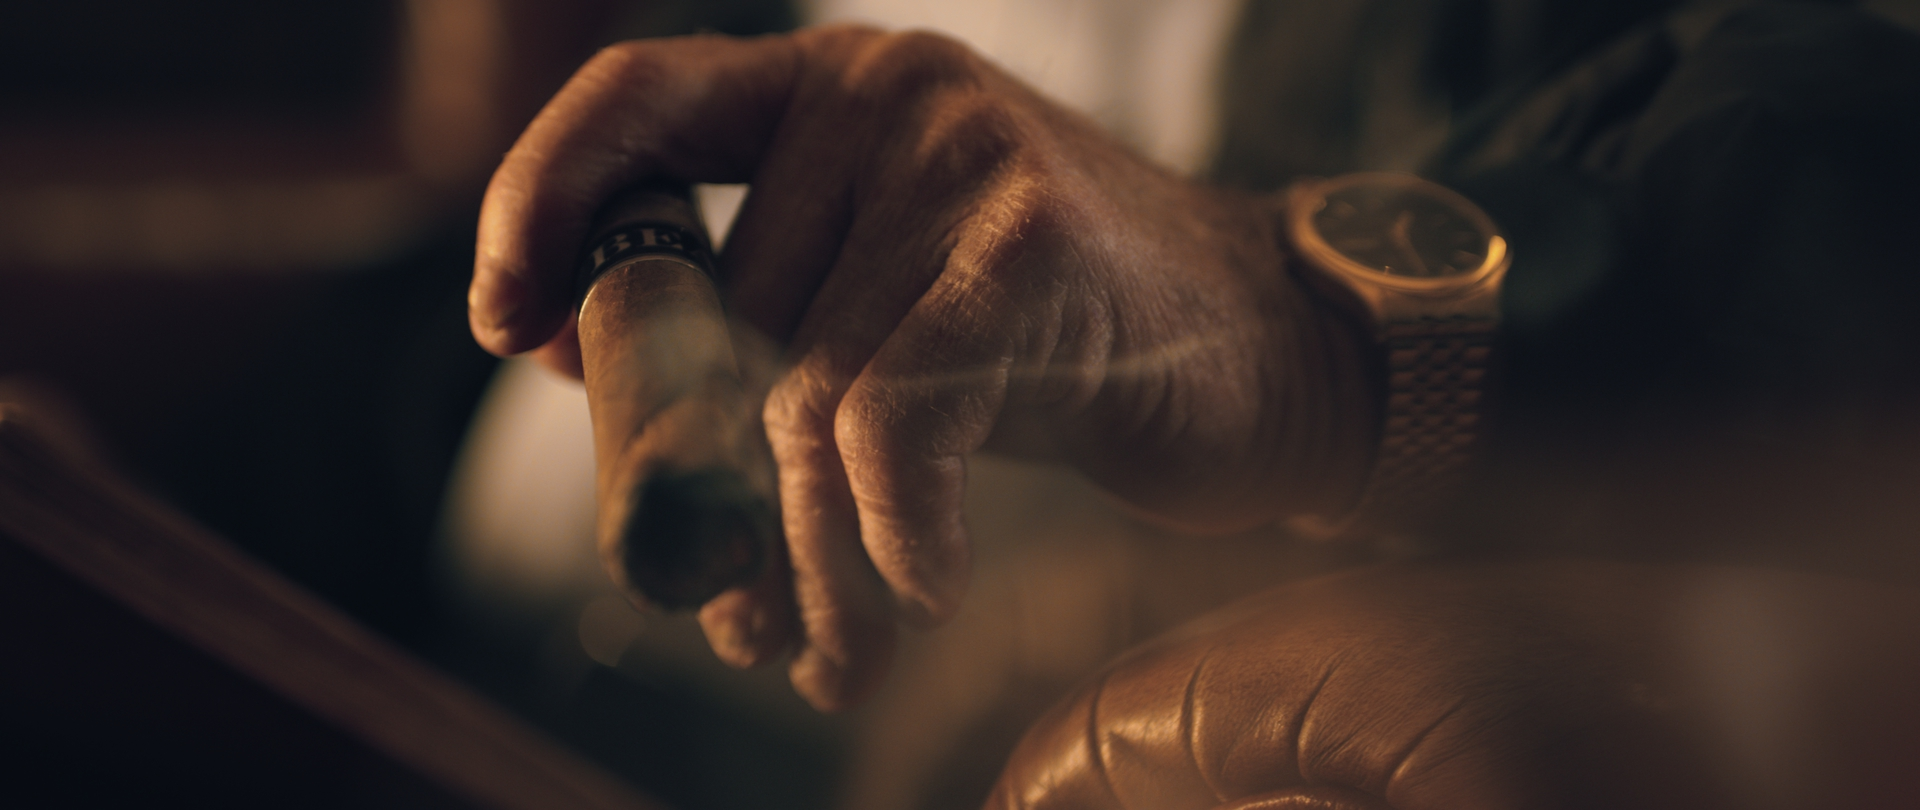 cigar_1.1.4.jpg